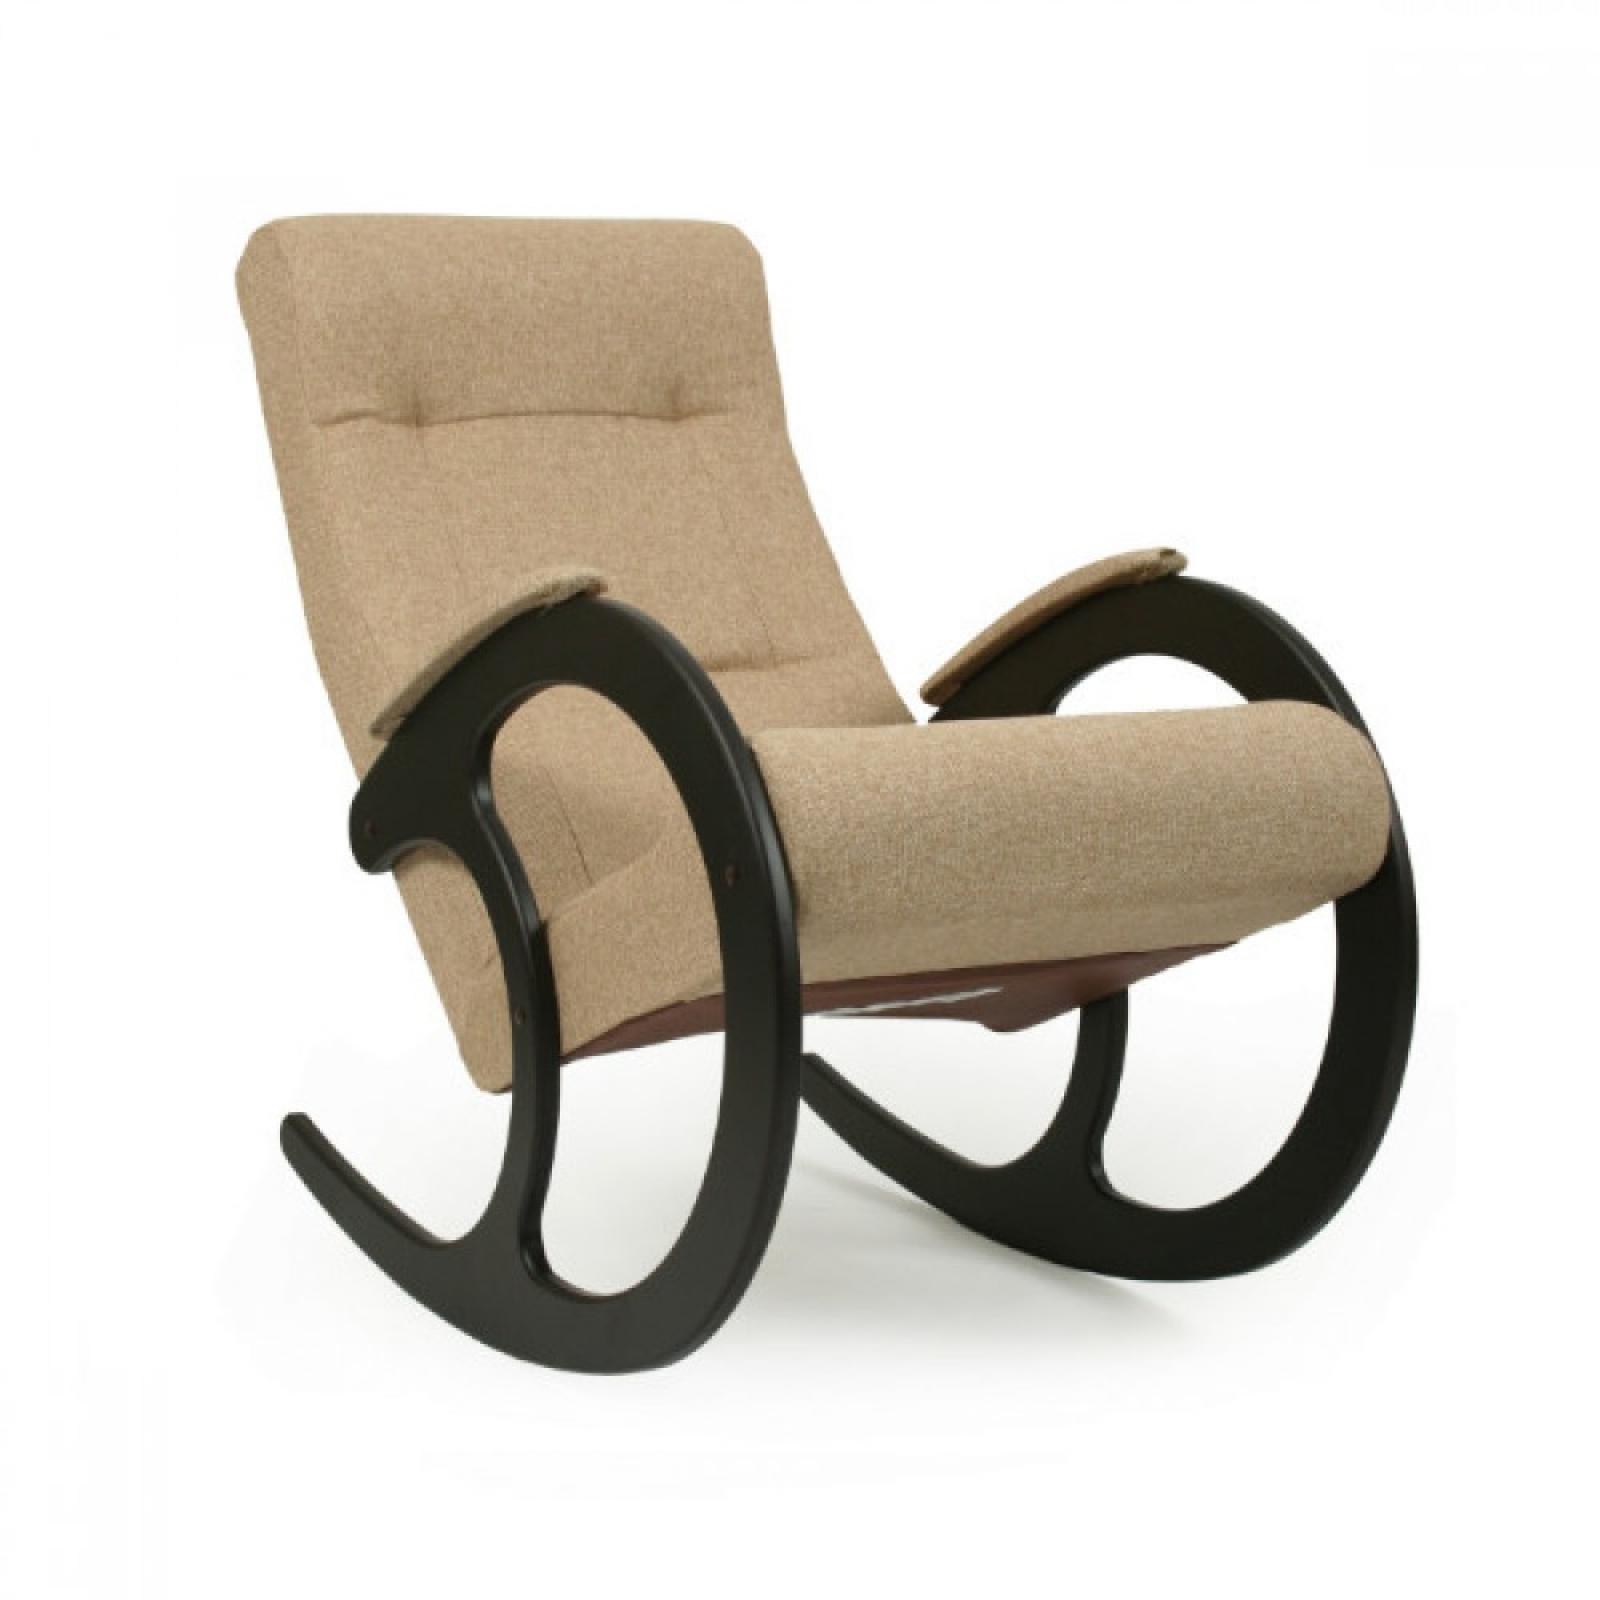 Кресло-качалка, Модель 3 Венге/Мальта 03 - 1